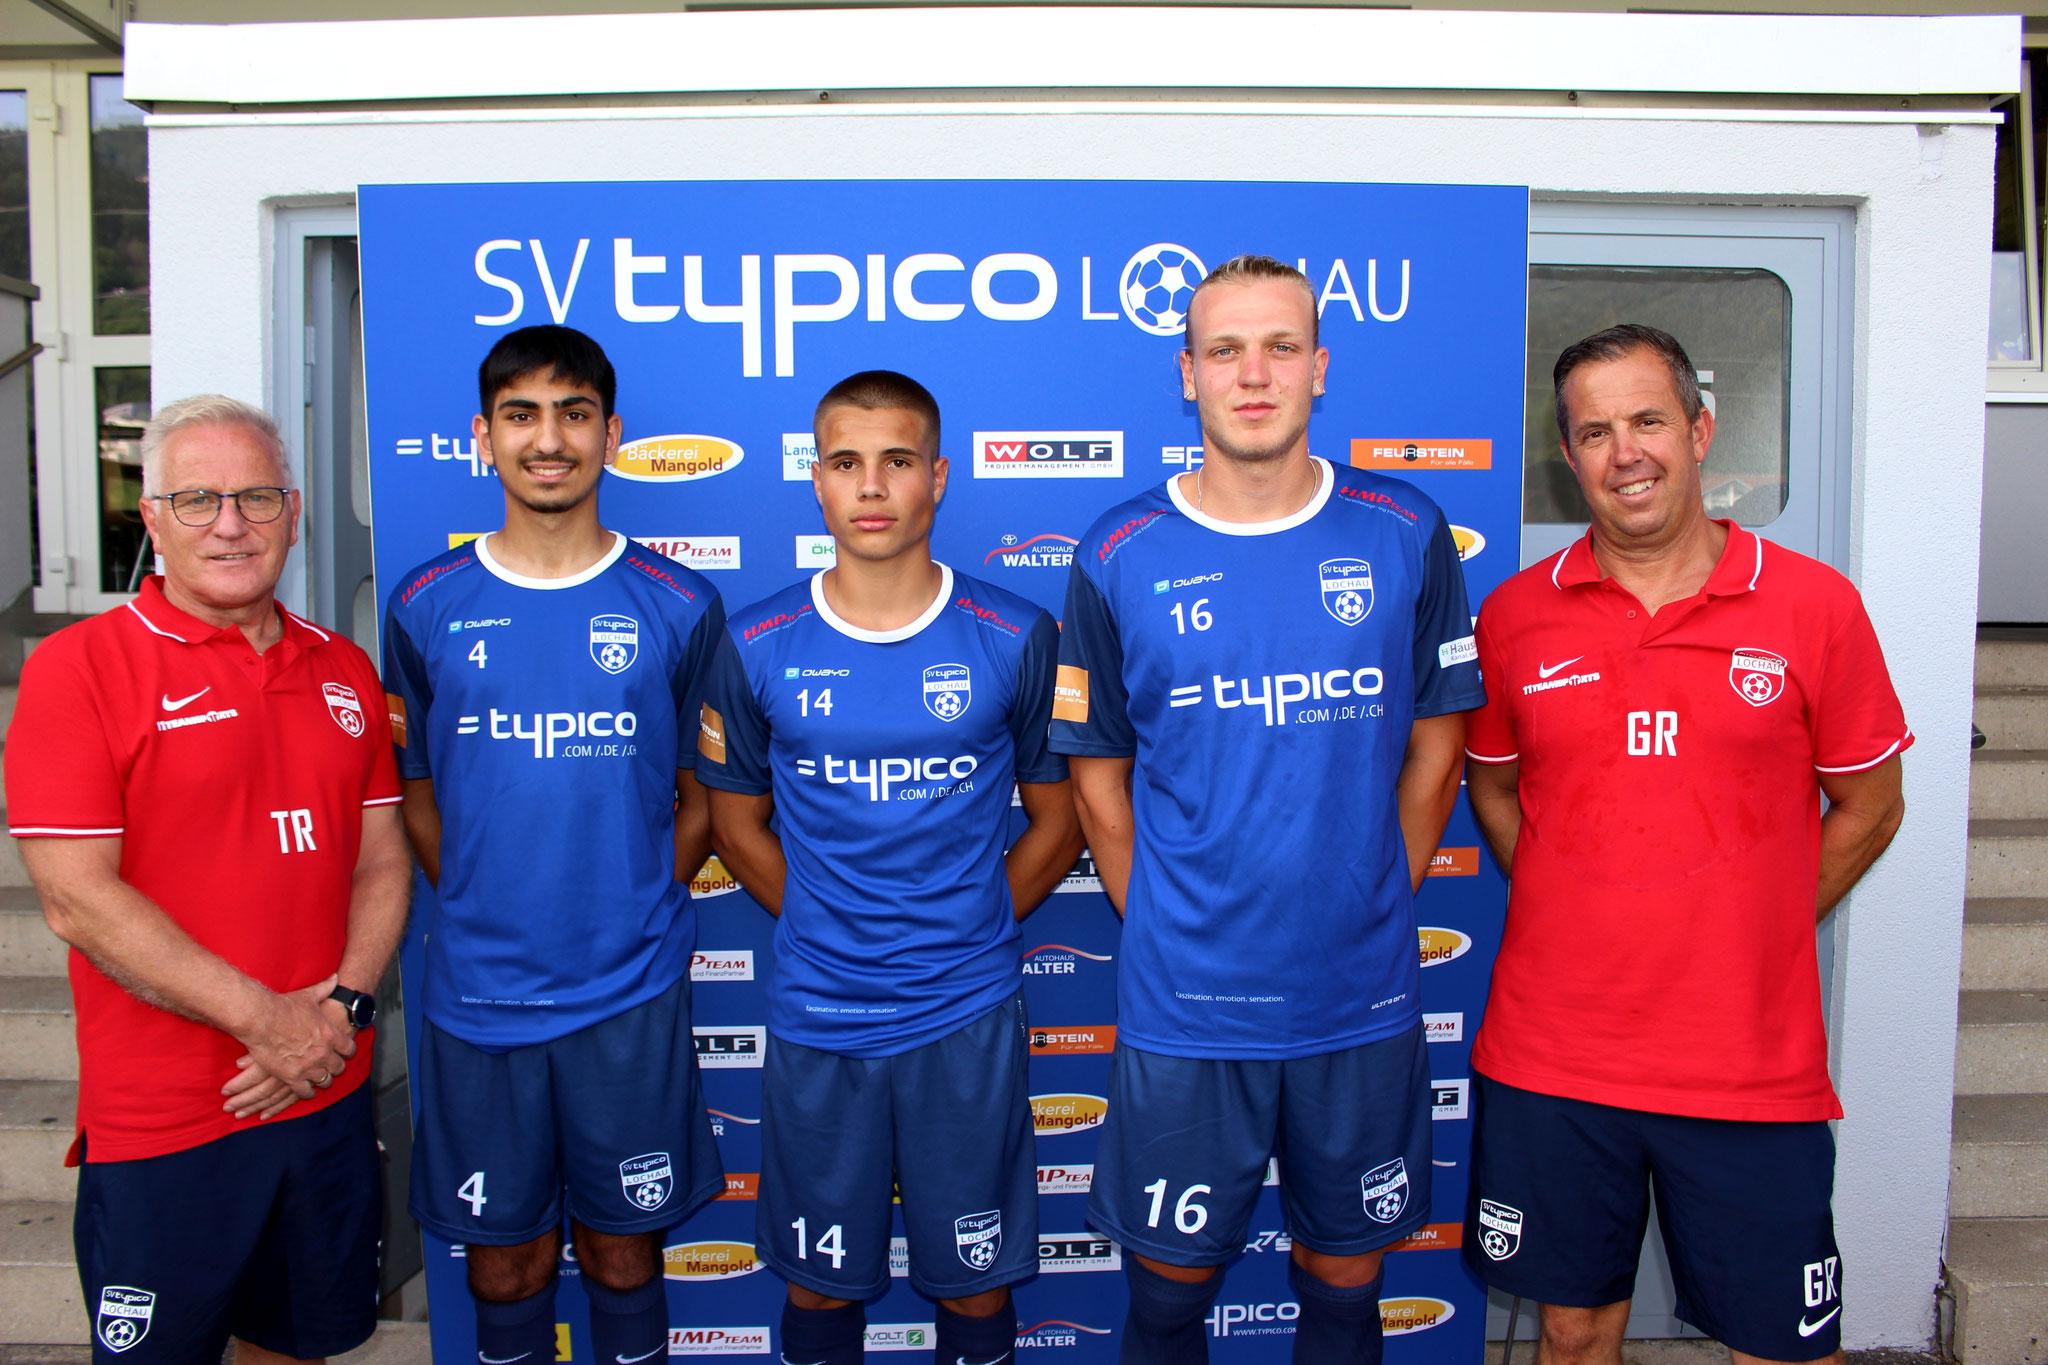 Die drei 1b-Spieler Serkan Killic, Matteo Außerlechner und Philipp Rupp wurden vom Trainerteam in den Kader der KM hochgezogen